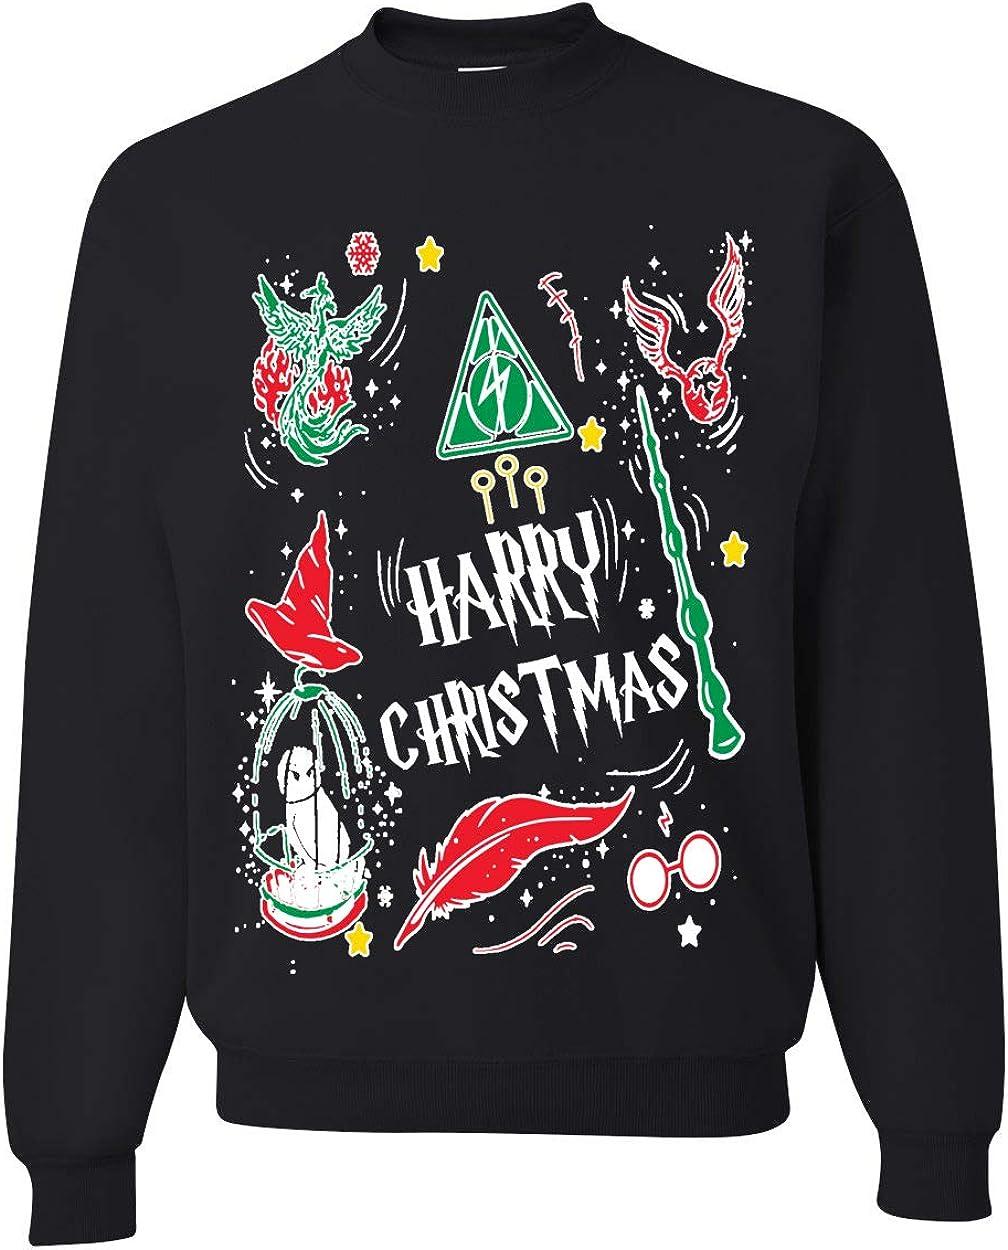 Harry Potter inspired Christmas Sweatshirt Harry Christmas image